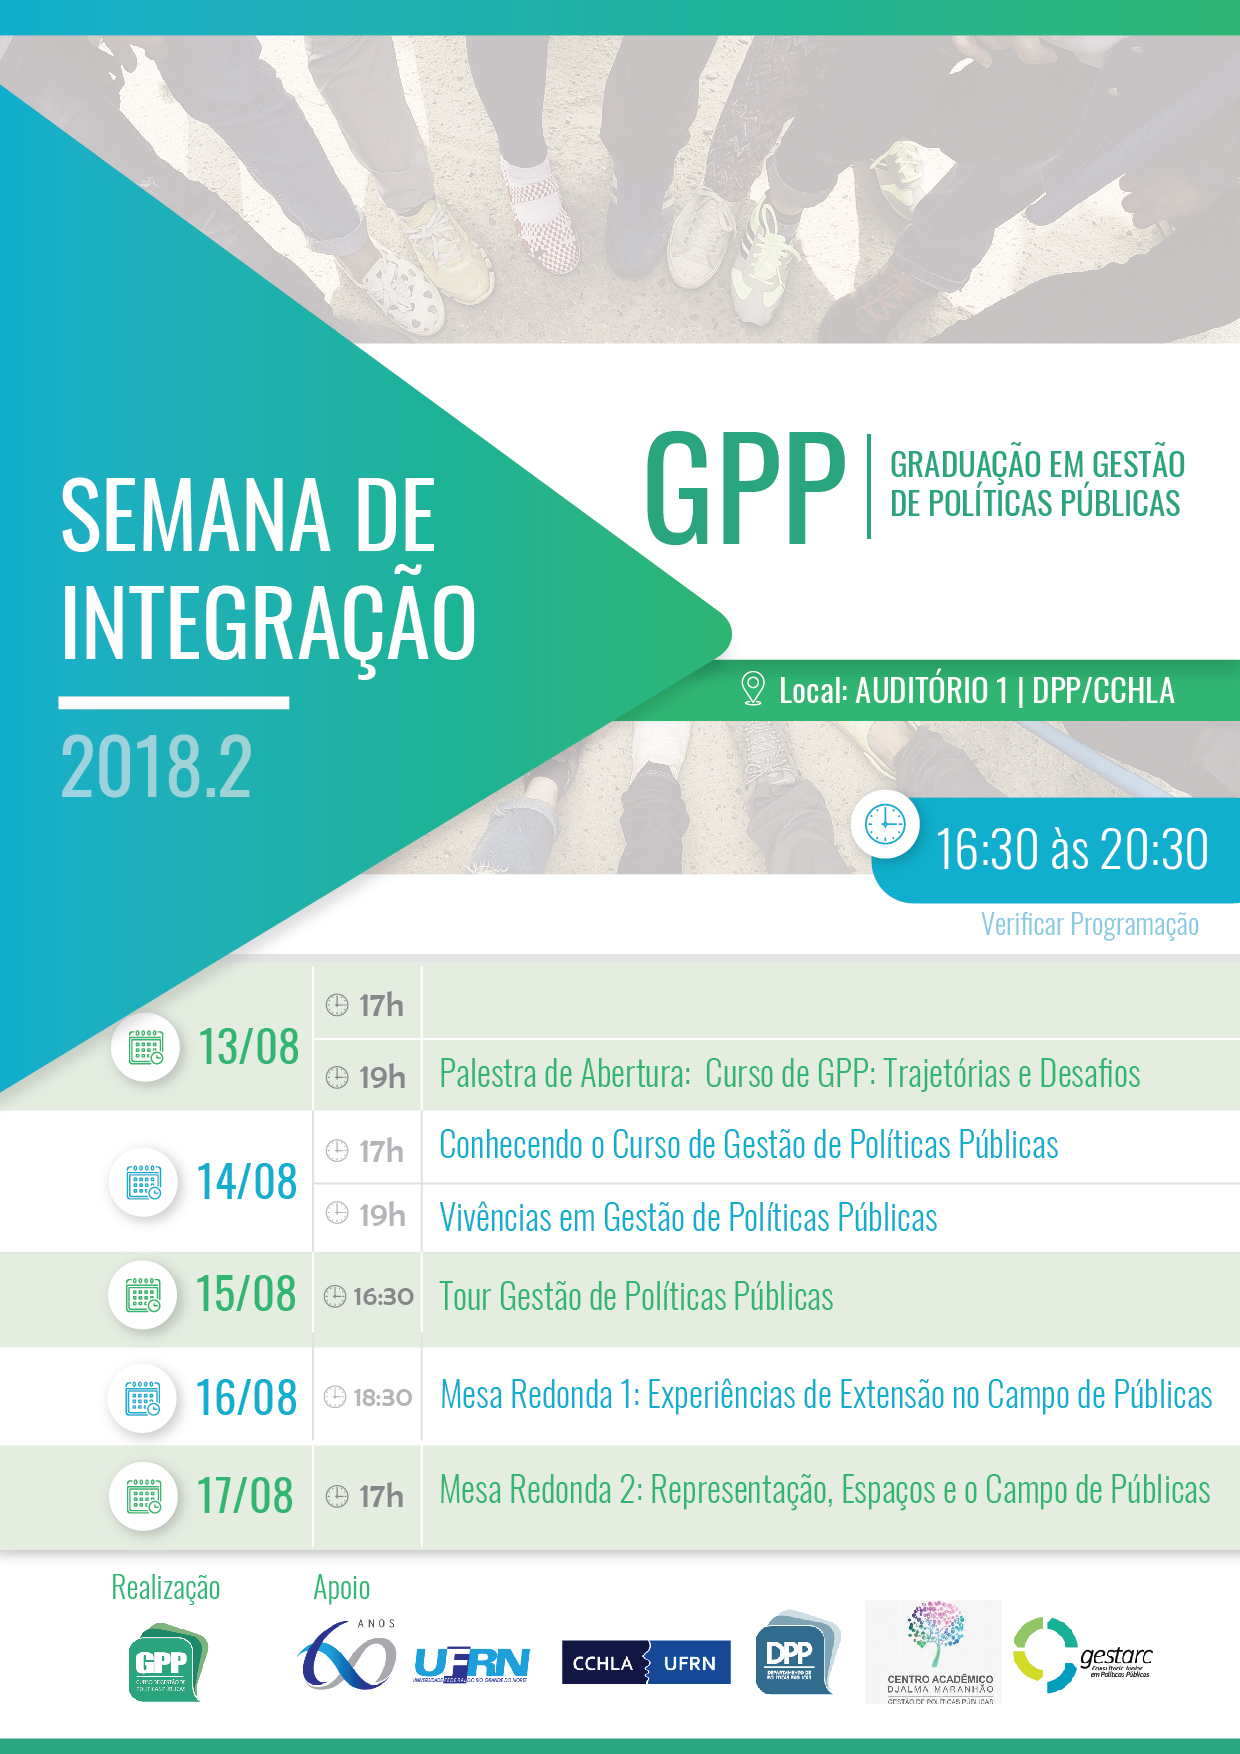 GPP – Semana De Integração